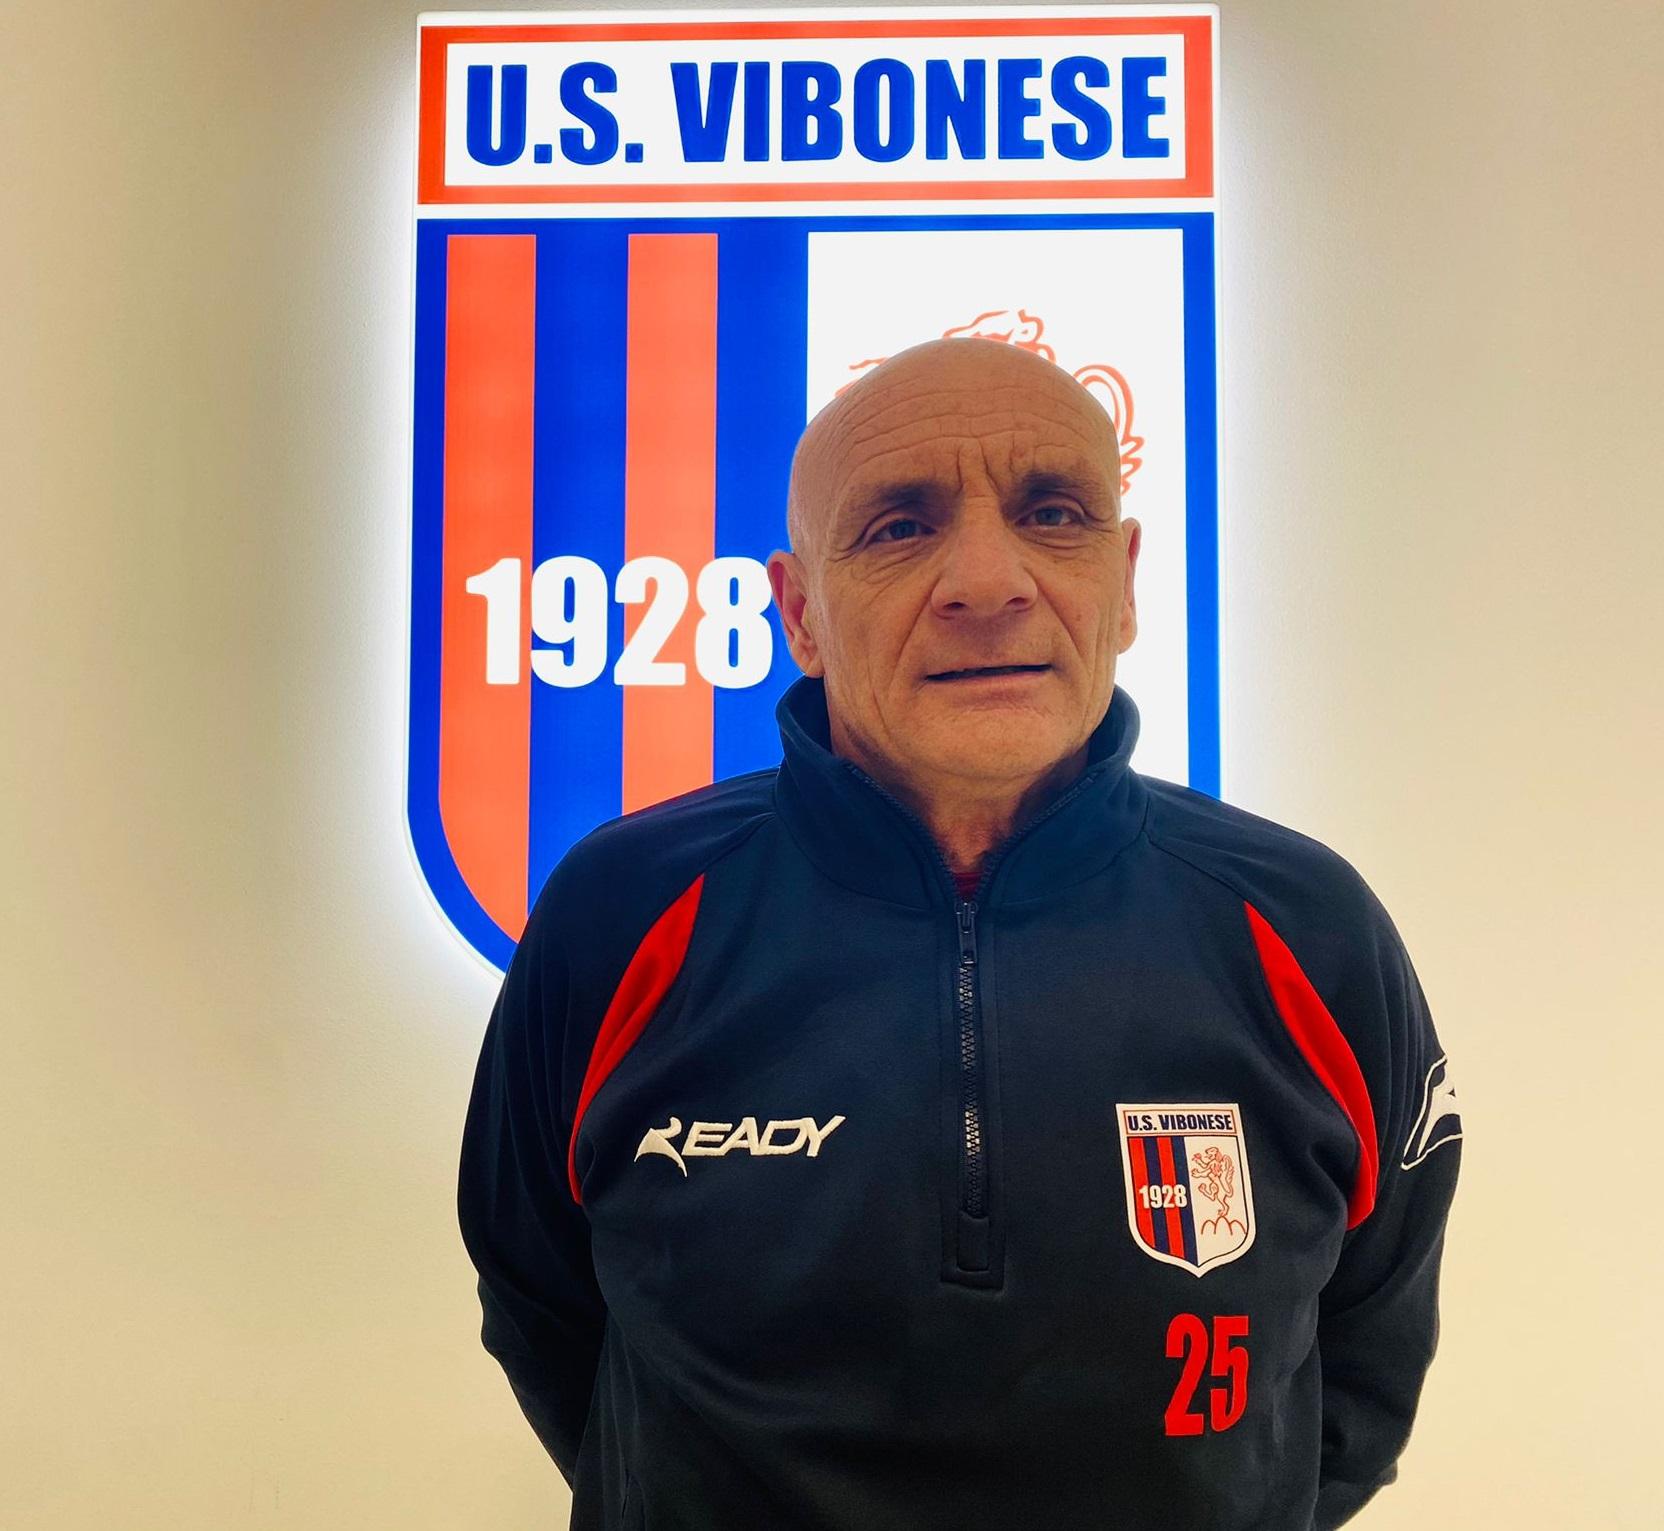 UFFICIALE | Giorgio Roselli è il nuovo allenatore immagine 16858 US Vibonese Calcio